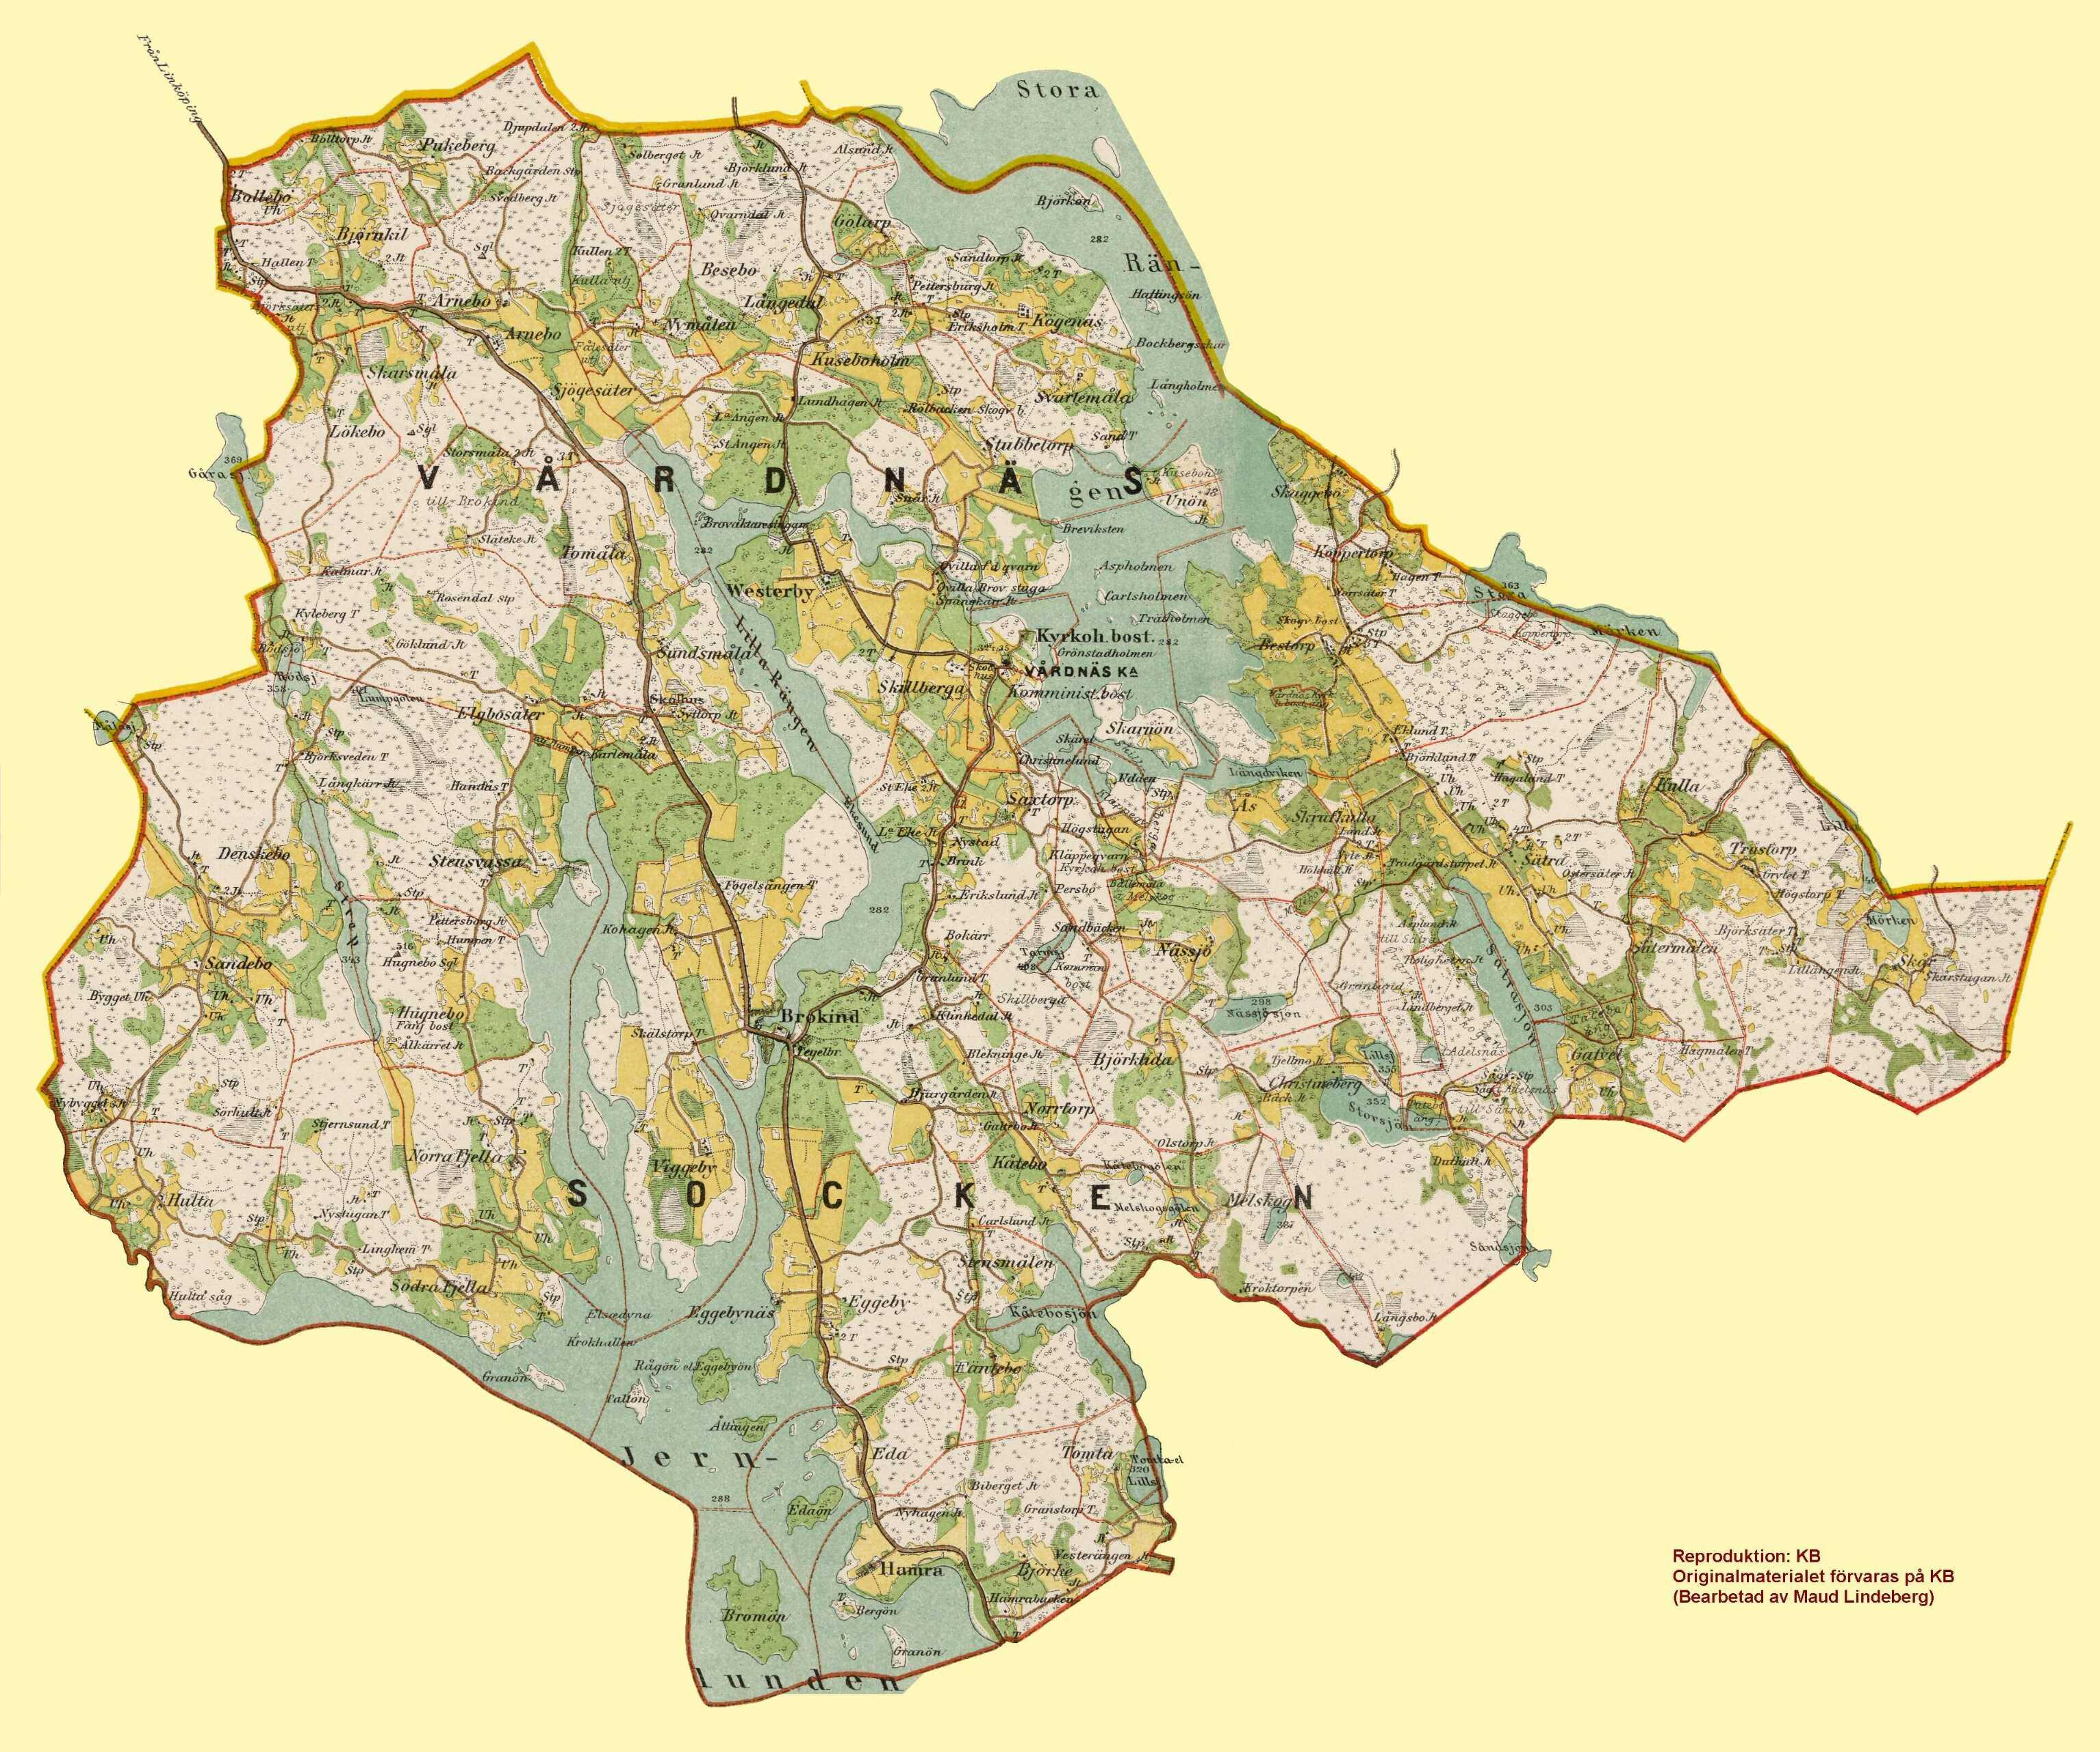 östergötland karta Kartor östergötland karta